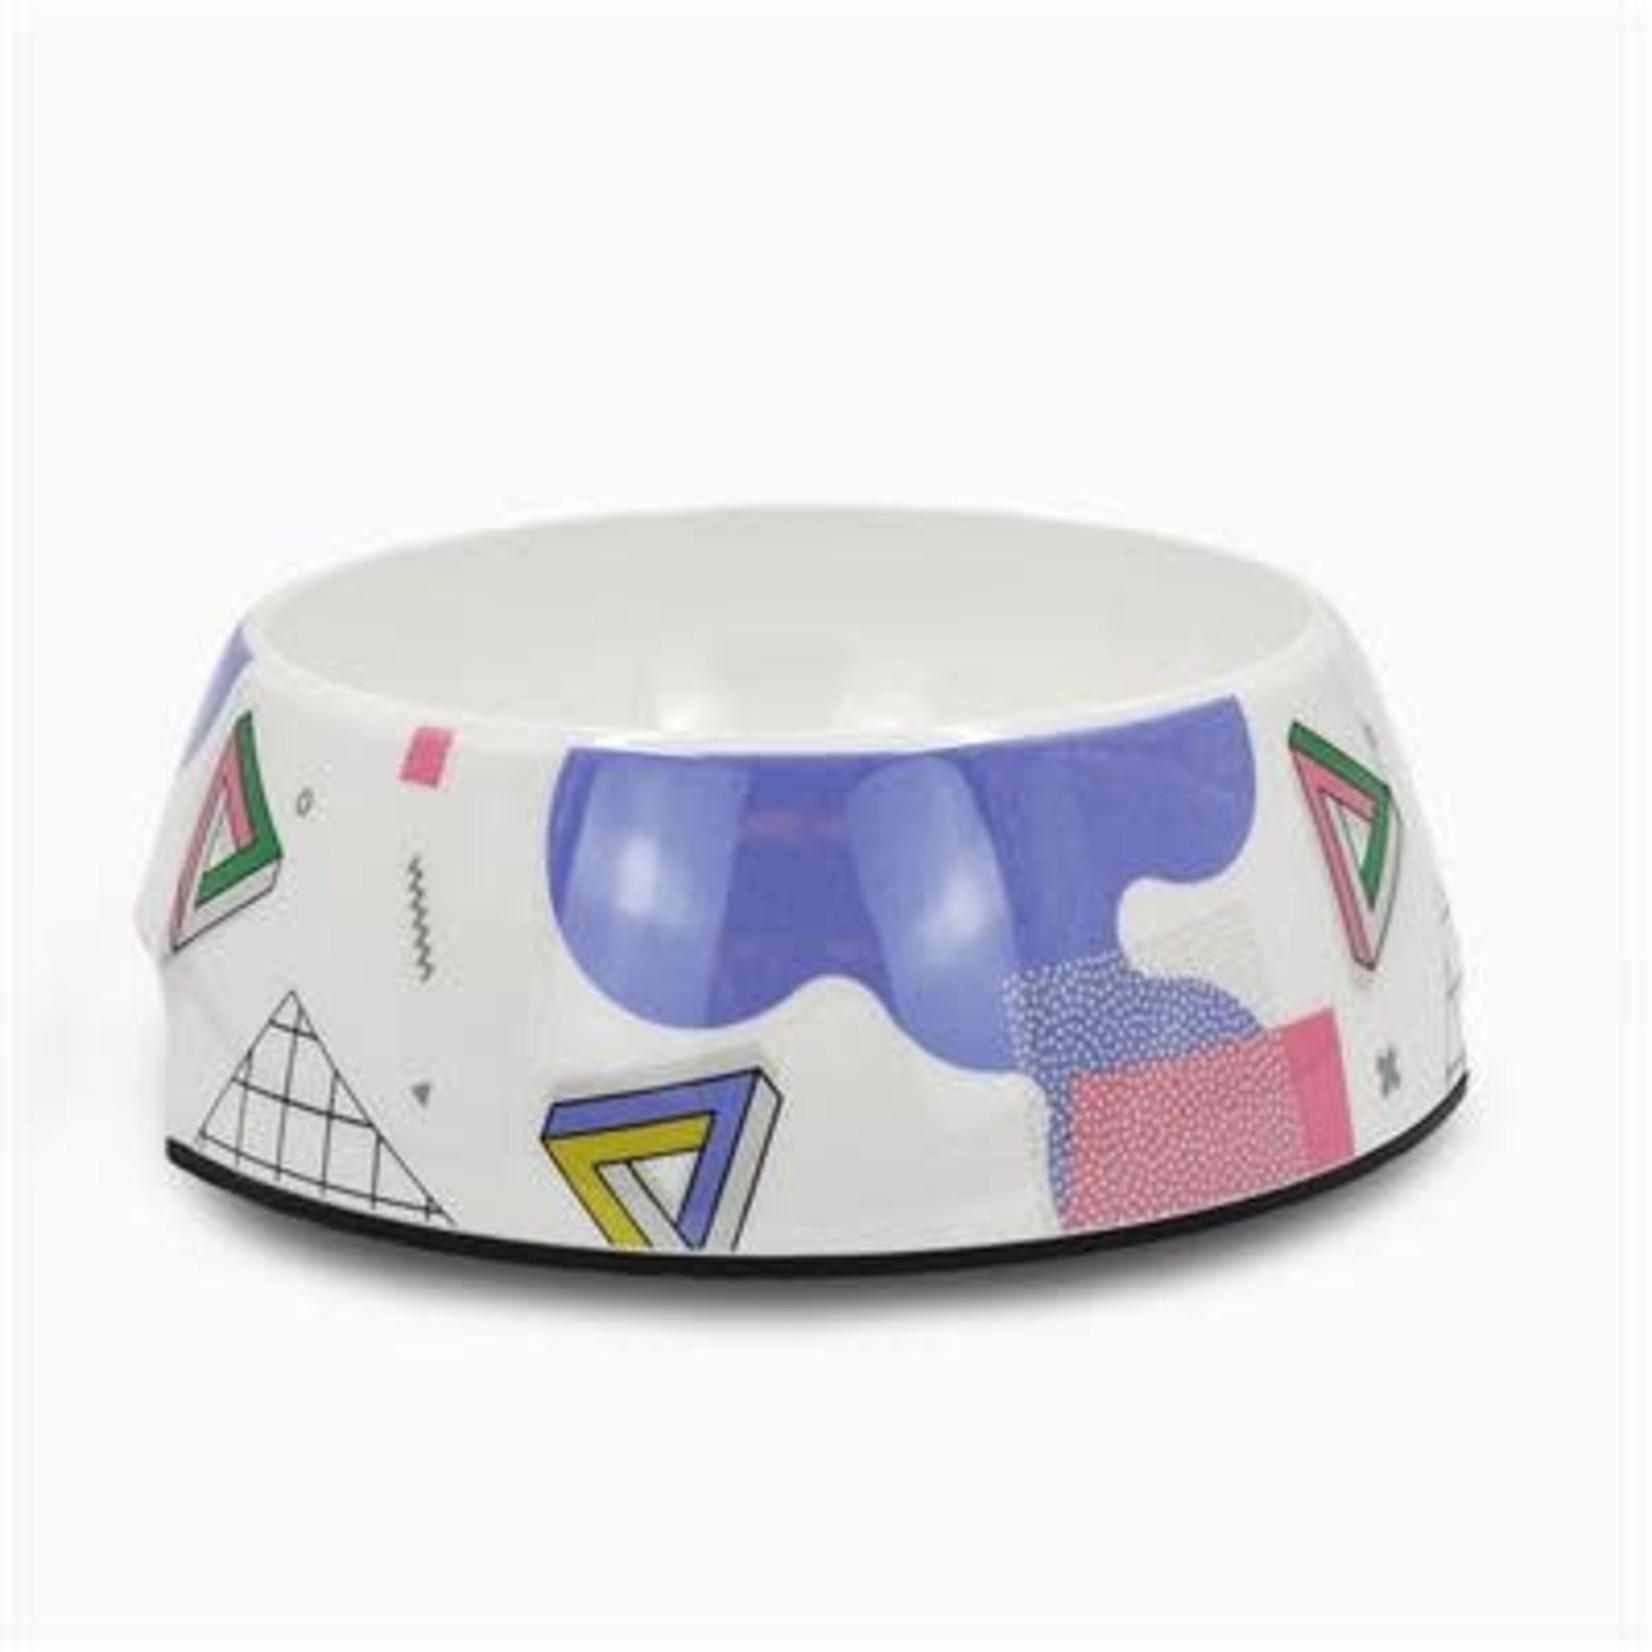 Hugsmart White Stainless Steel Bowl 24oz